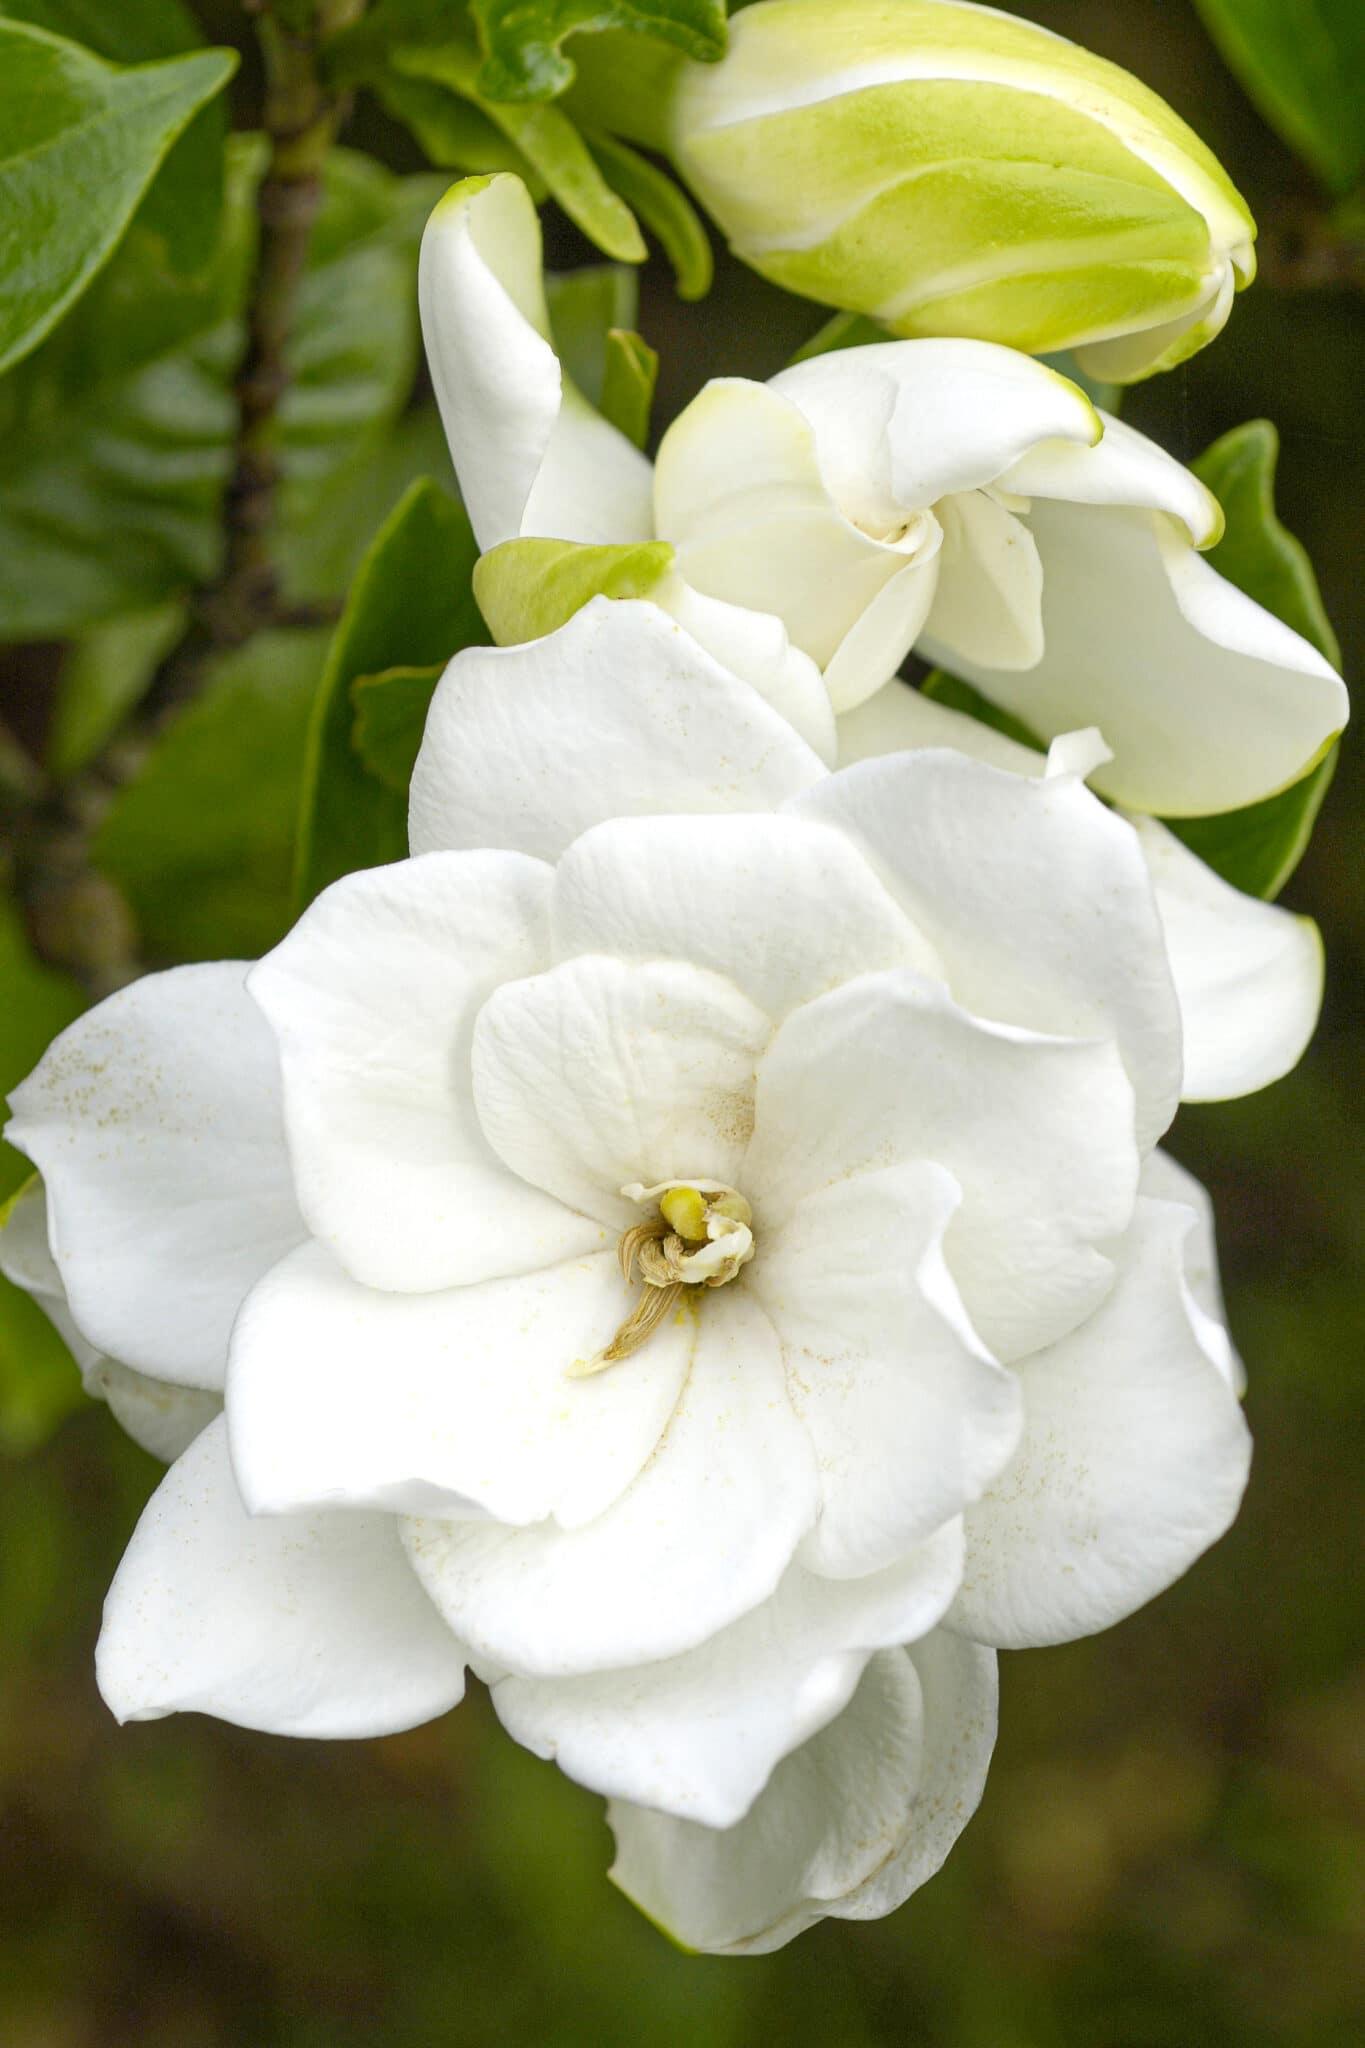 The lovely white gardenia in full bloom against  dark green foliage.